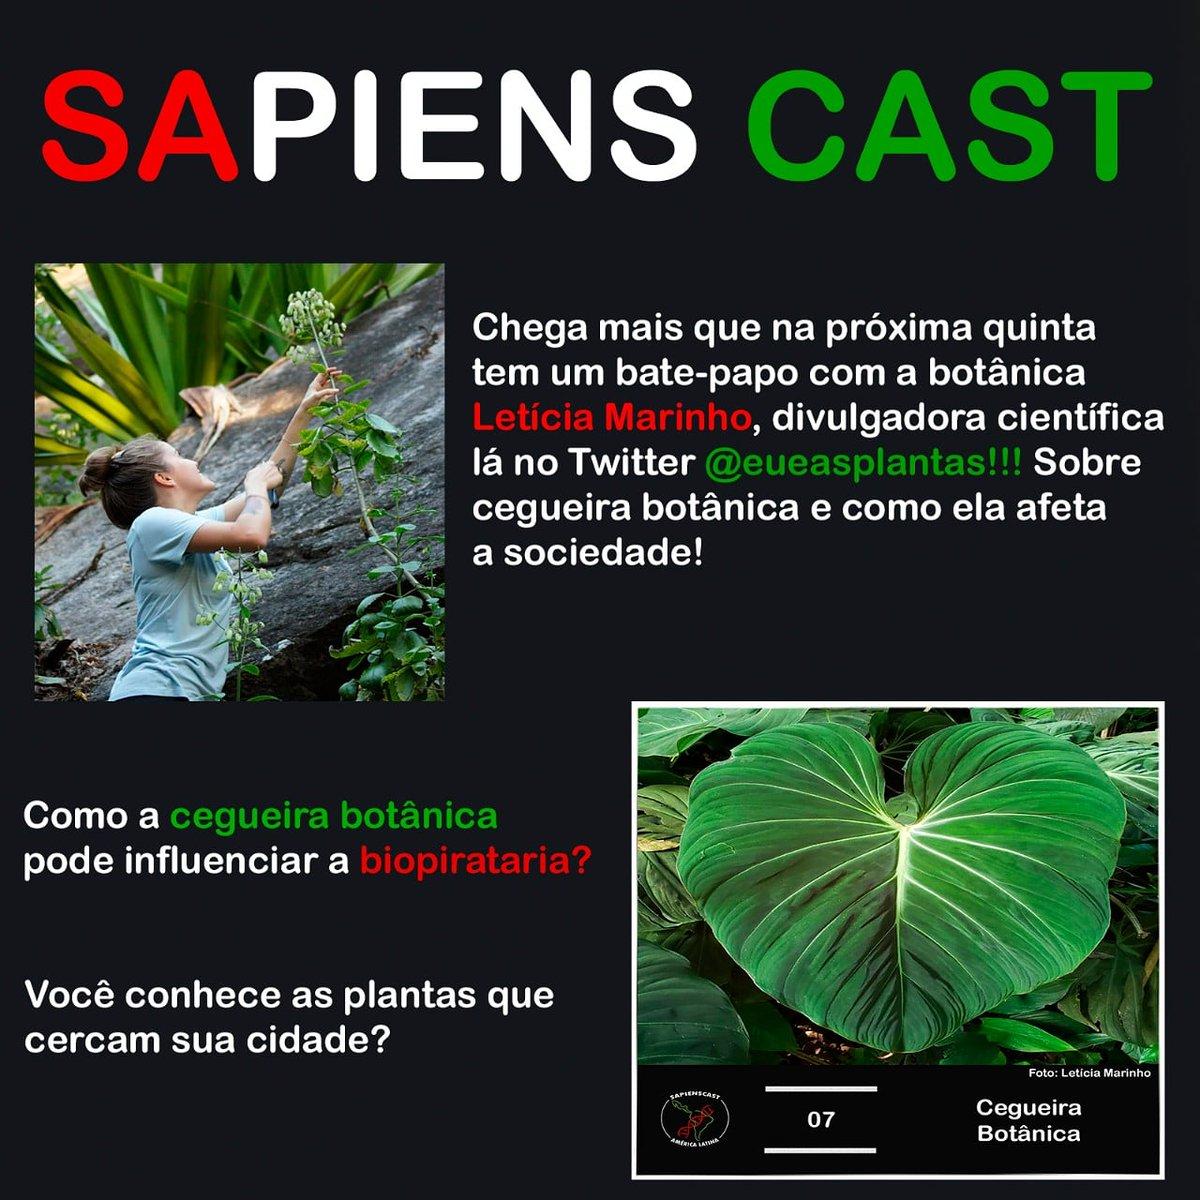 Vem entrevista nova por aí!!! Coloca o alarme que quinta feira tem um ep super legal sobre Cegueira Botânica com a Letícia Marinho ❤ @eueasplantas